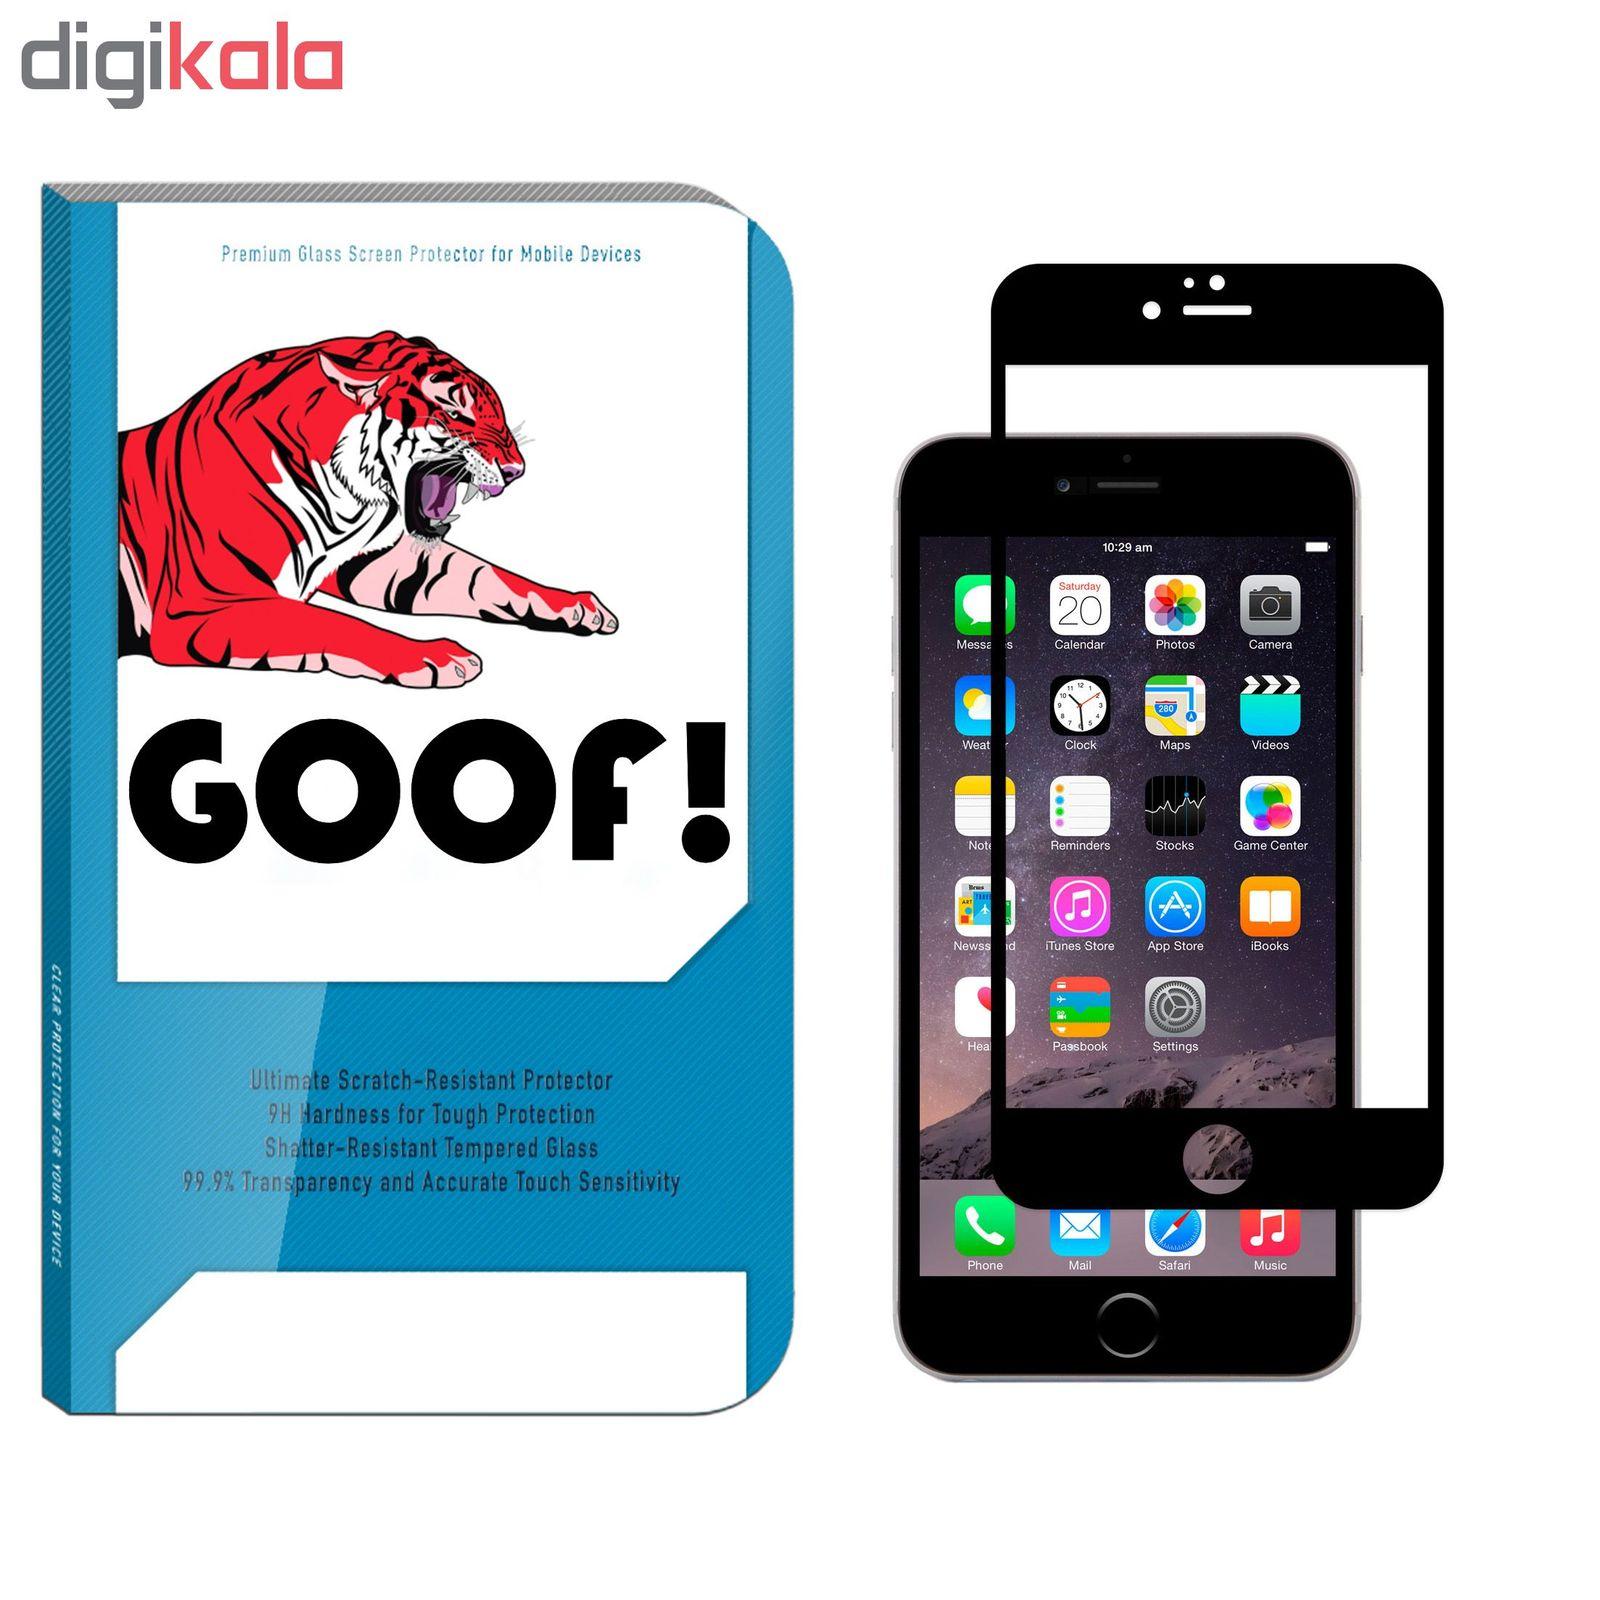 محافظ صفحه نمایش گوف مدل TI-001 مناسب برای گوشی موبایل اپل Iphone 6 plus / 6s plus main 1 1